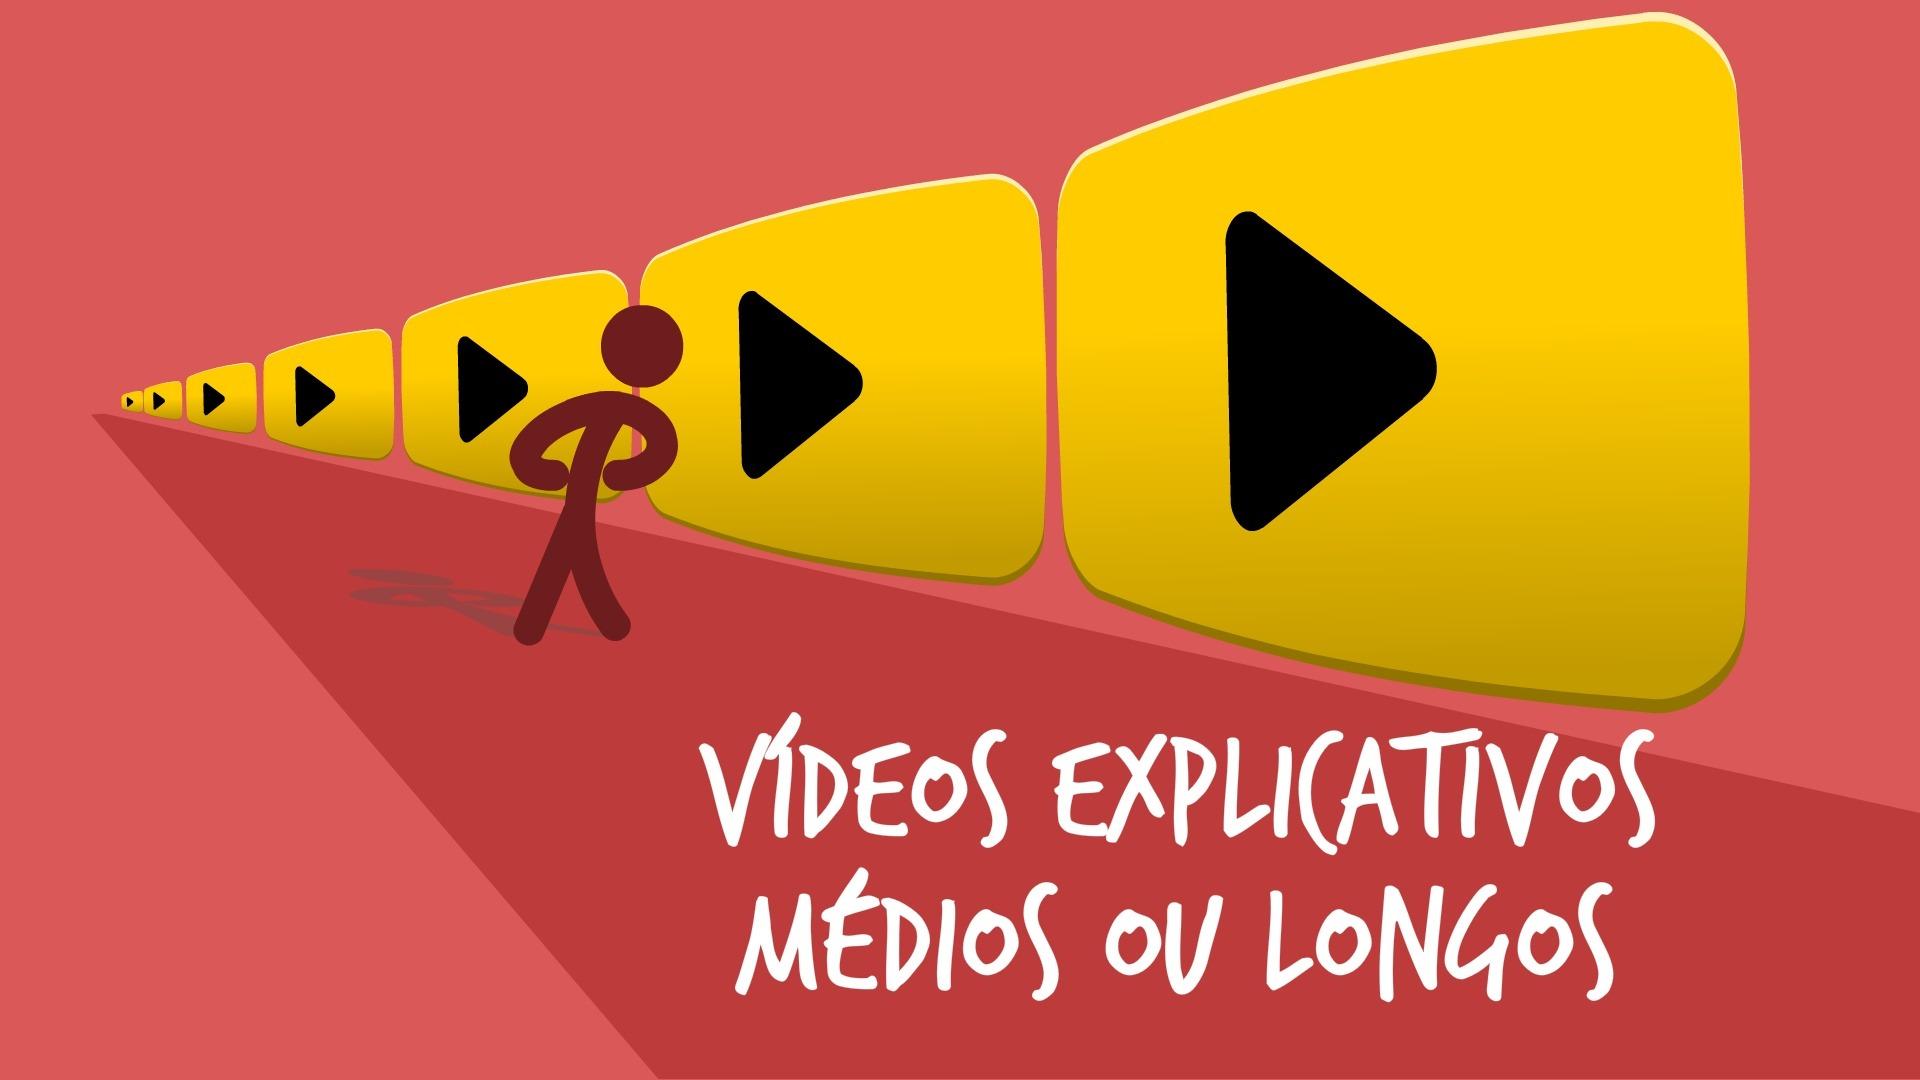 Vídeos explicativos médios ou longos